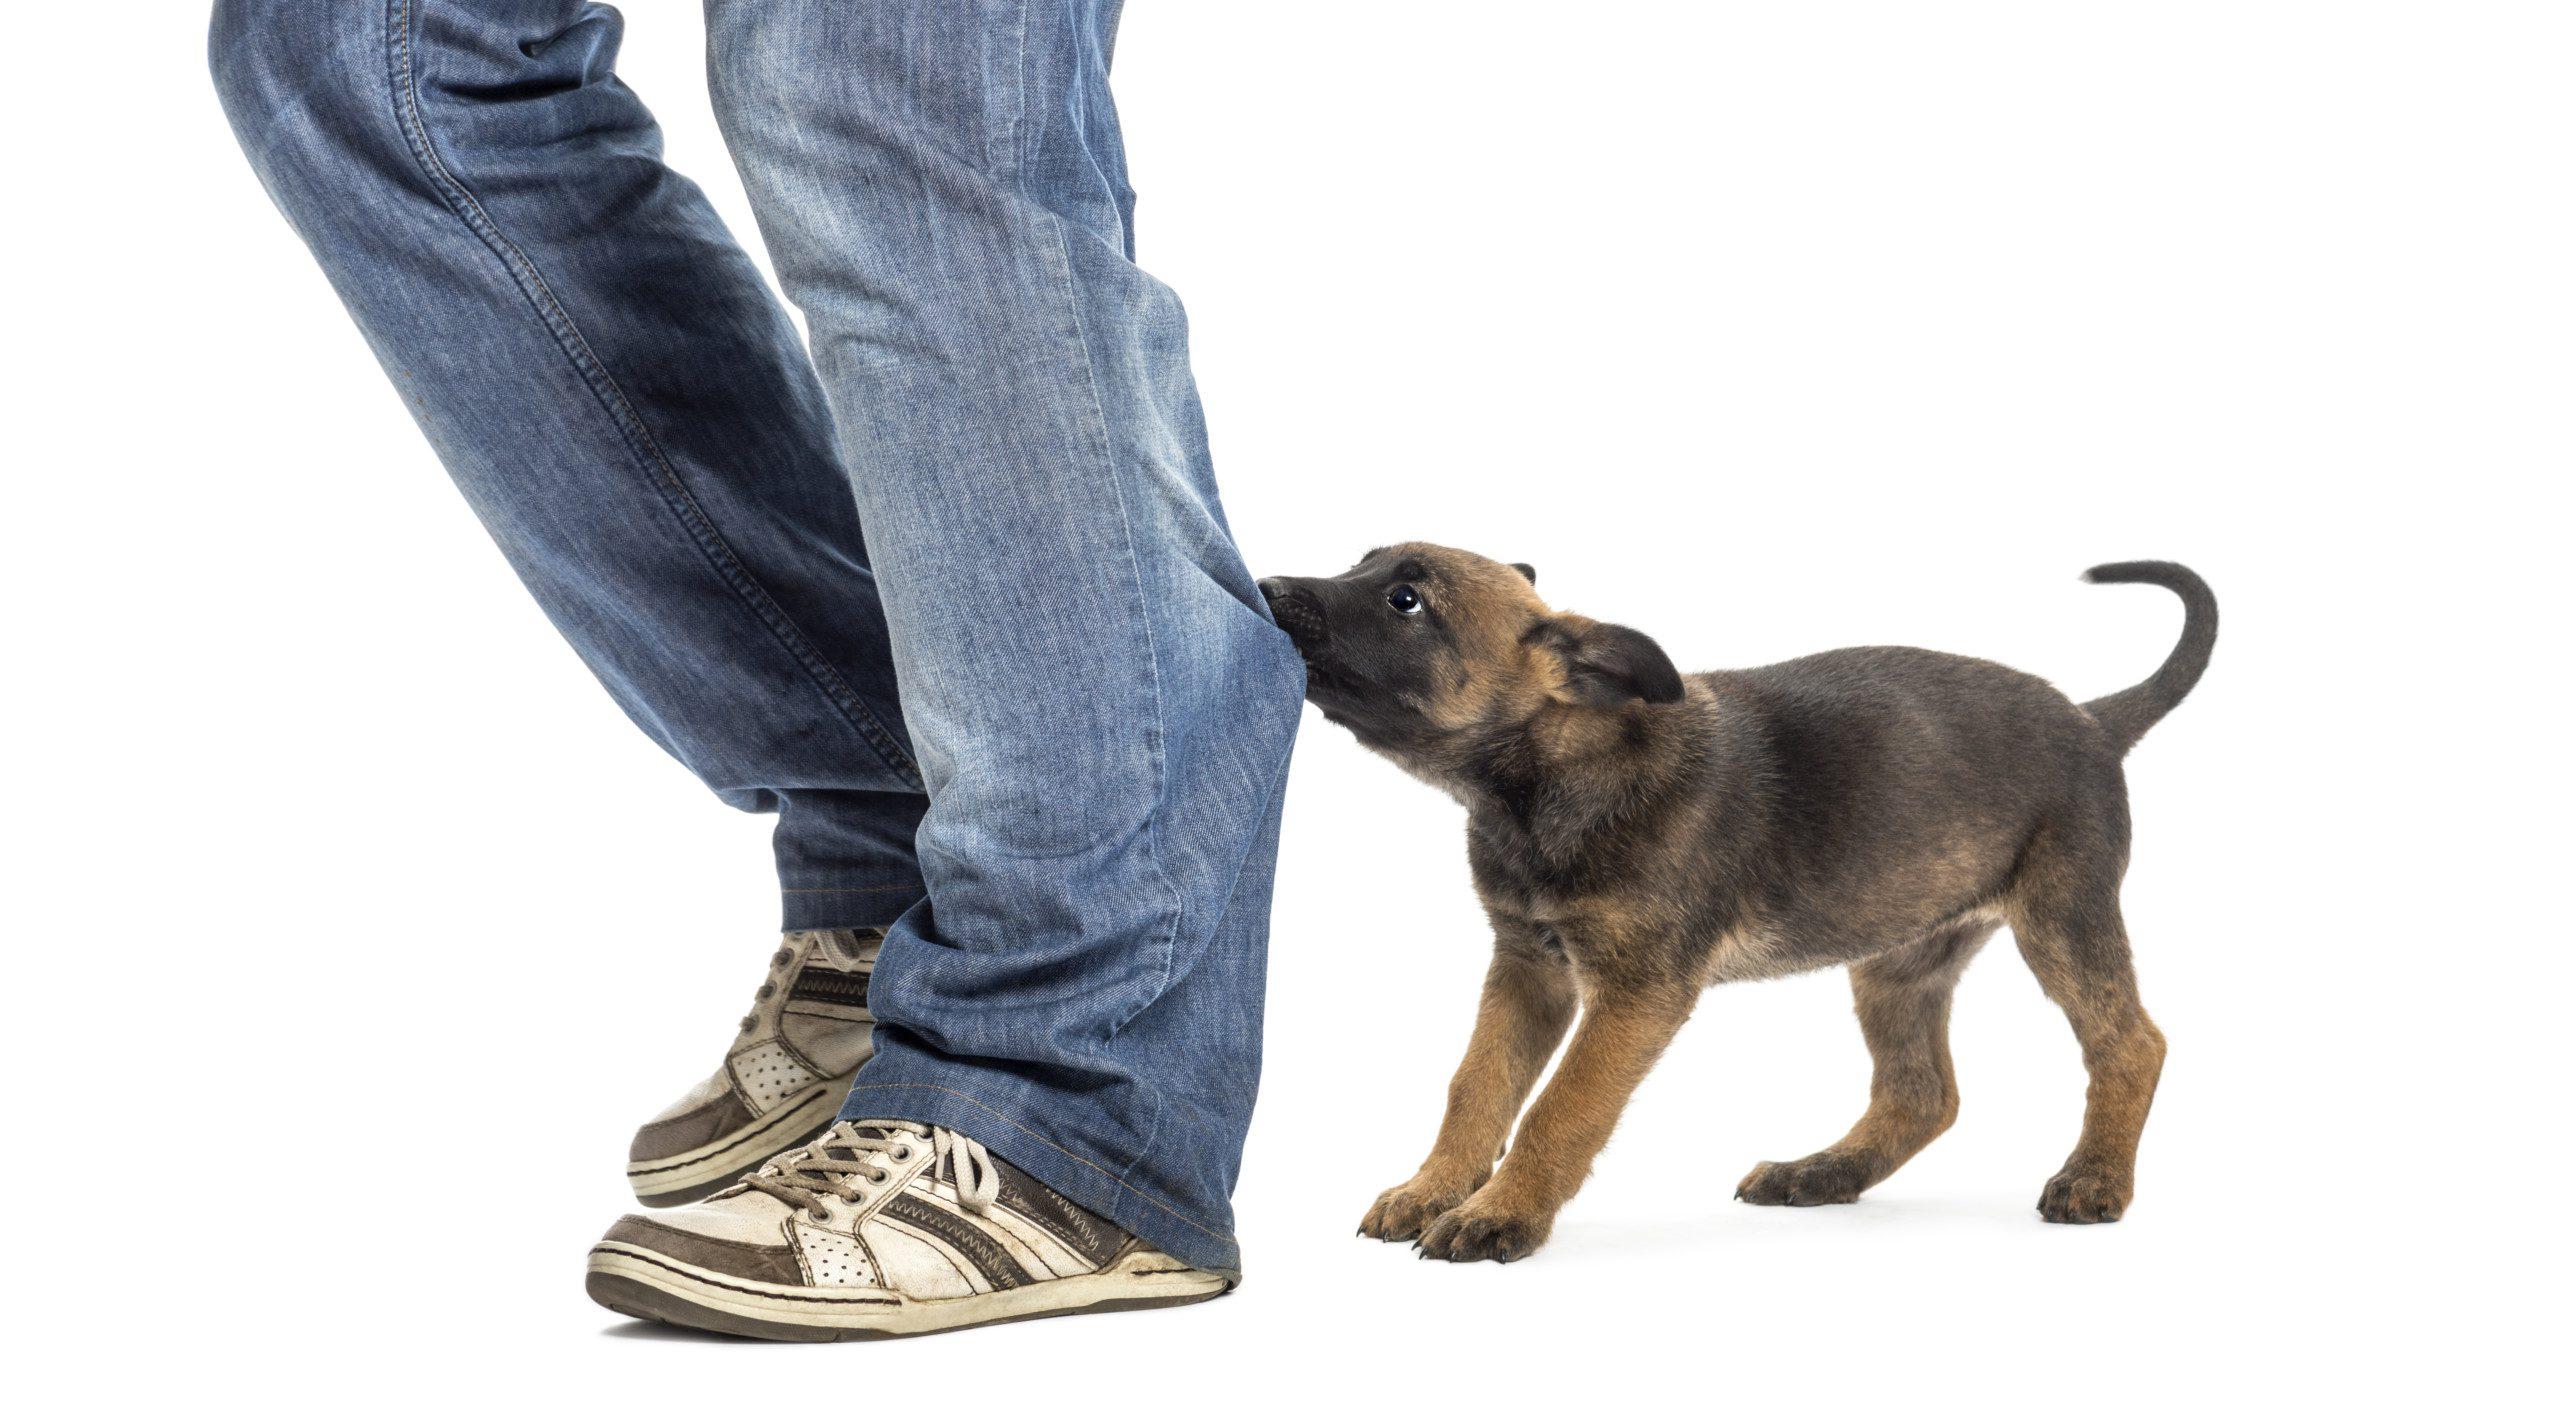 Dog Biting Leg